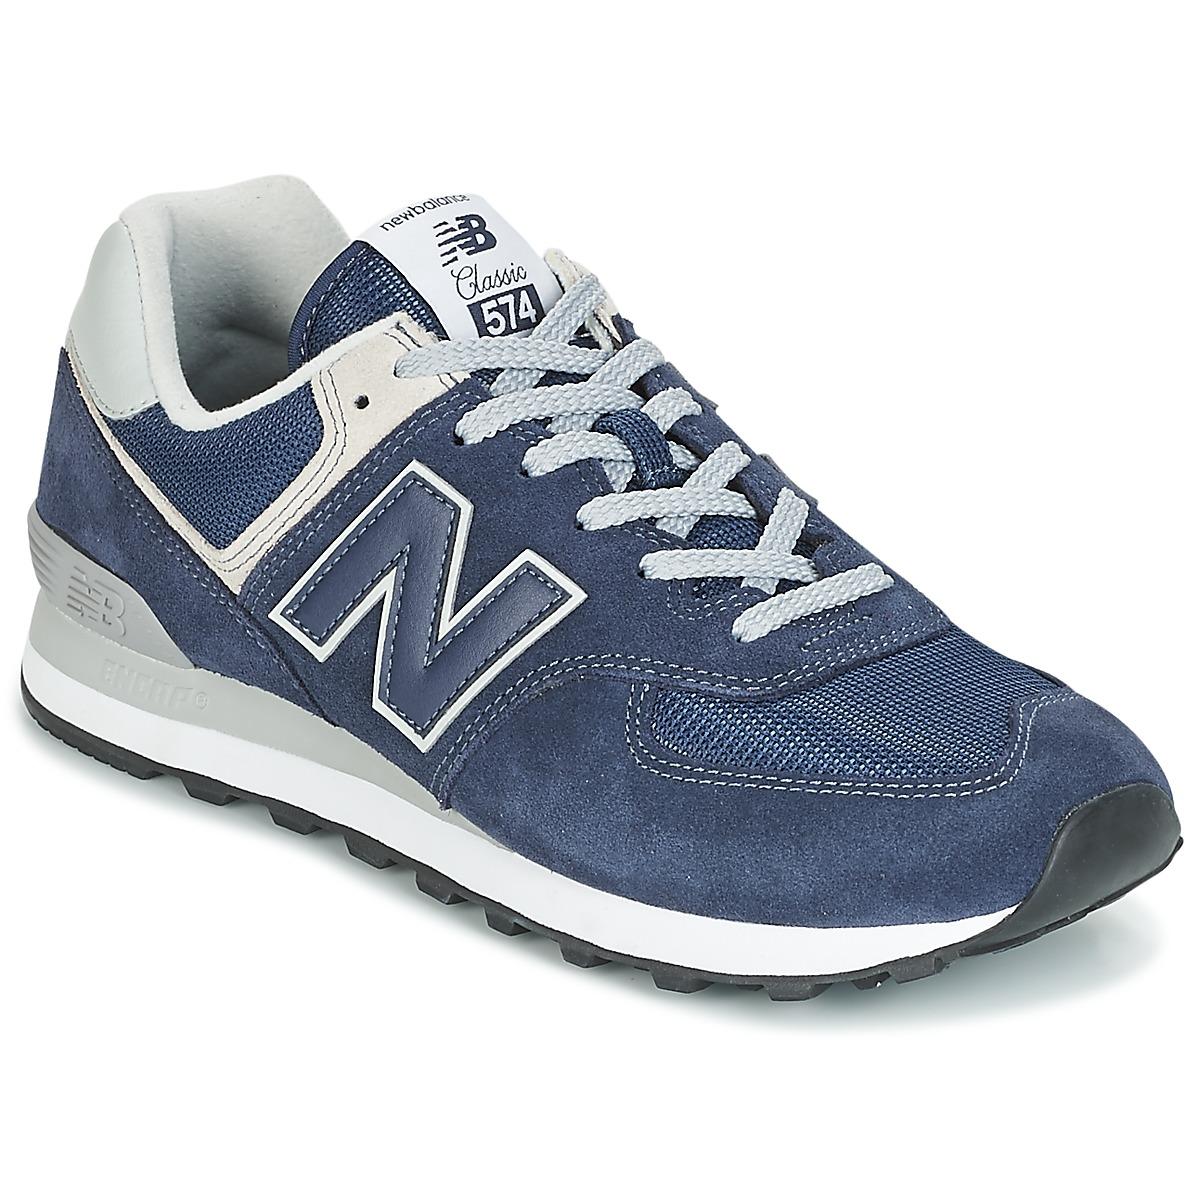 New Balance ML574 Blau - Kostenloser Versand bei Spartoode ! - Schuhe Sneaker Low Herren 79,99 €